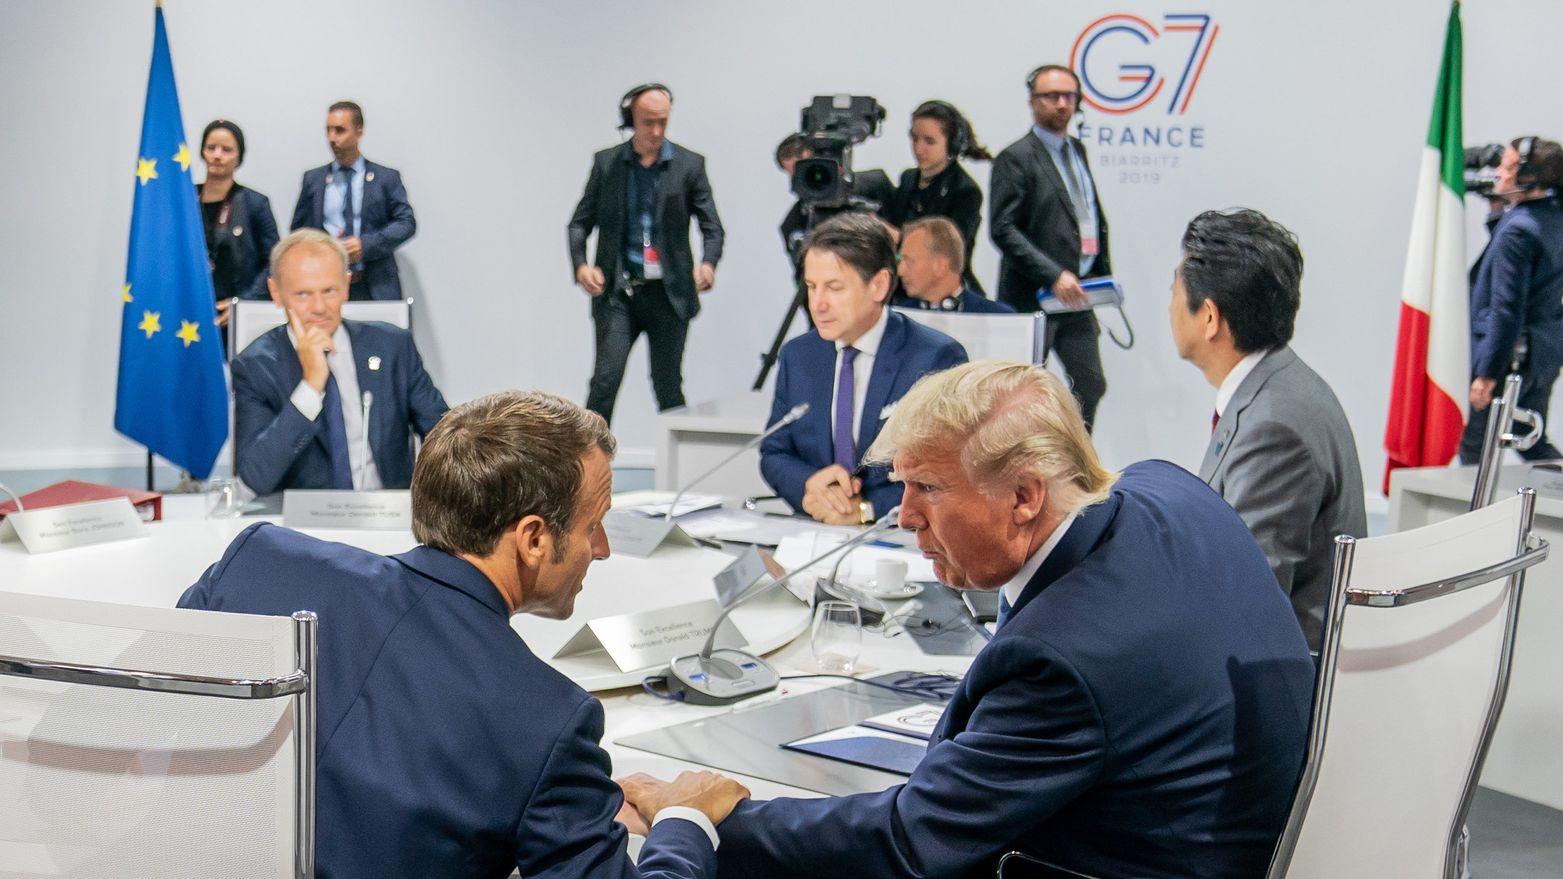 Frankreichs Präsident Macron (vorne l), legt die Hand auf den Arm von US-Präsident Trump (M), bei der ersten Arbeitssitzung beim G7-Gipfel.